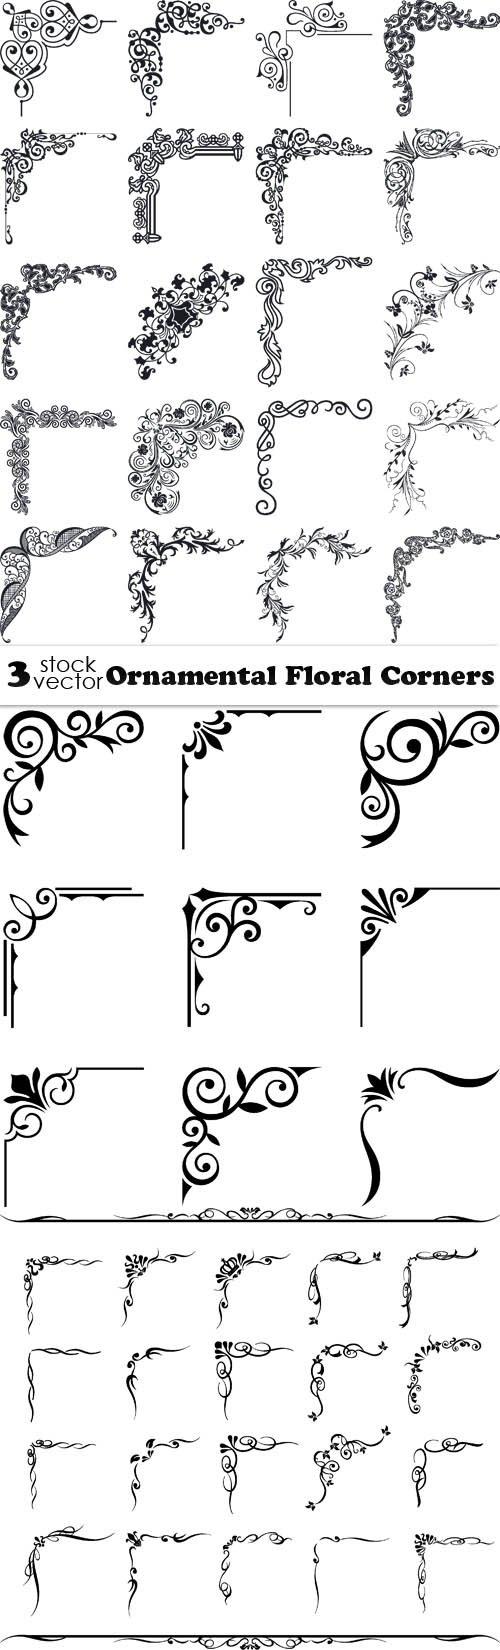 Vectors - Ornamental Floral Corners